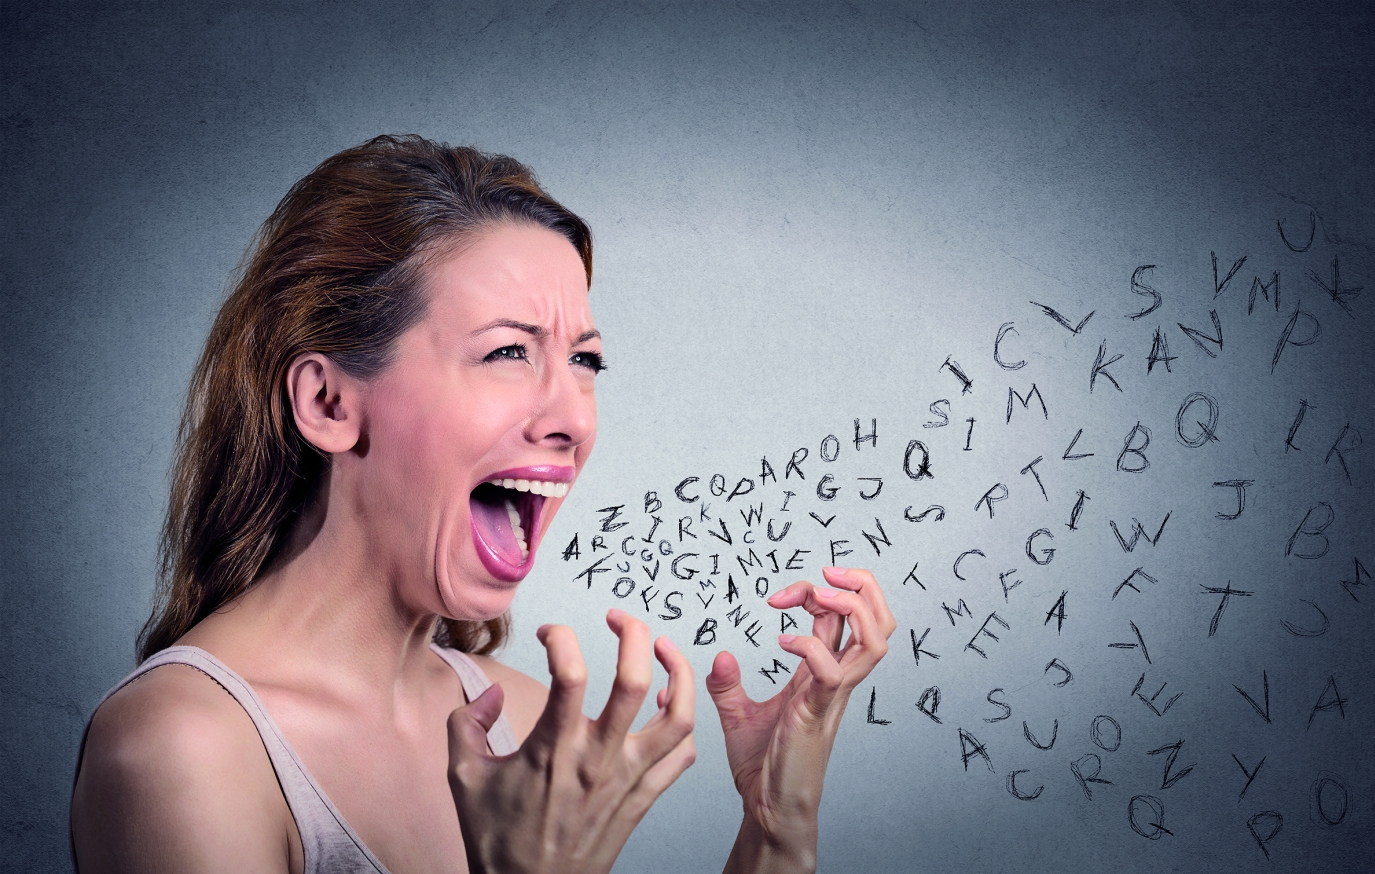 Slova jsou jako déšť a někdy prší kyselé deště plné zloby a nenávisti.